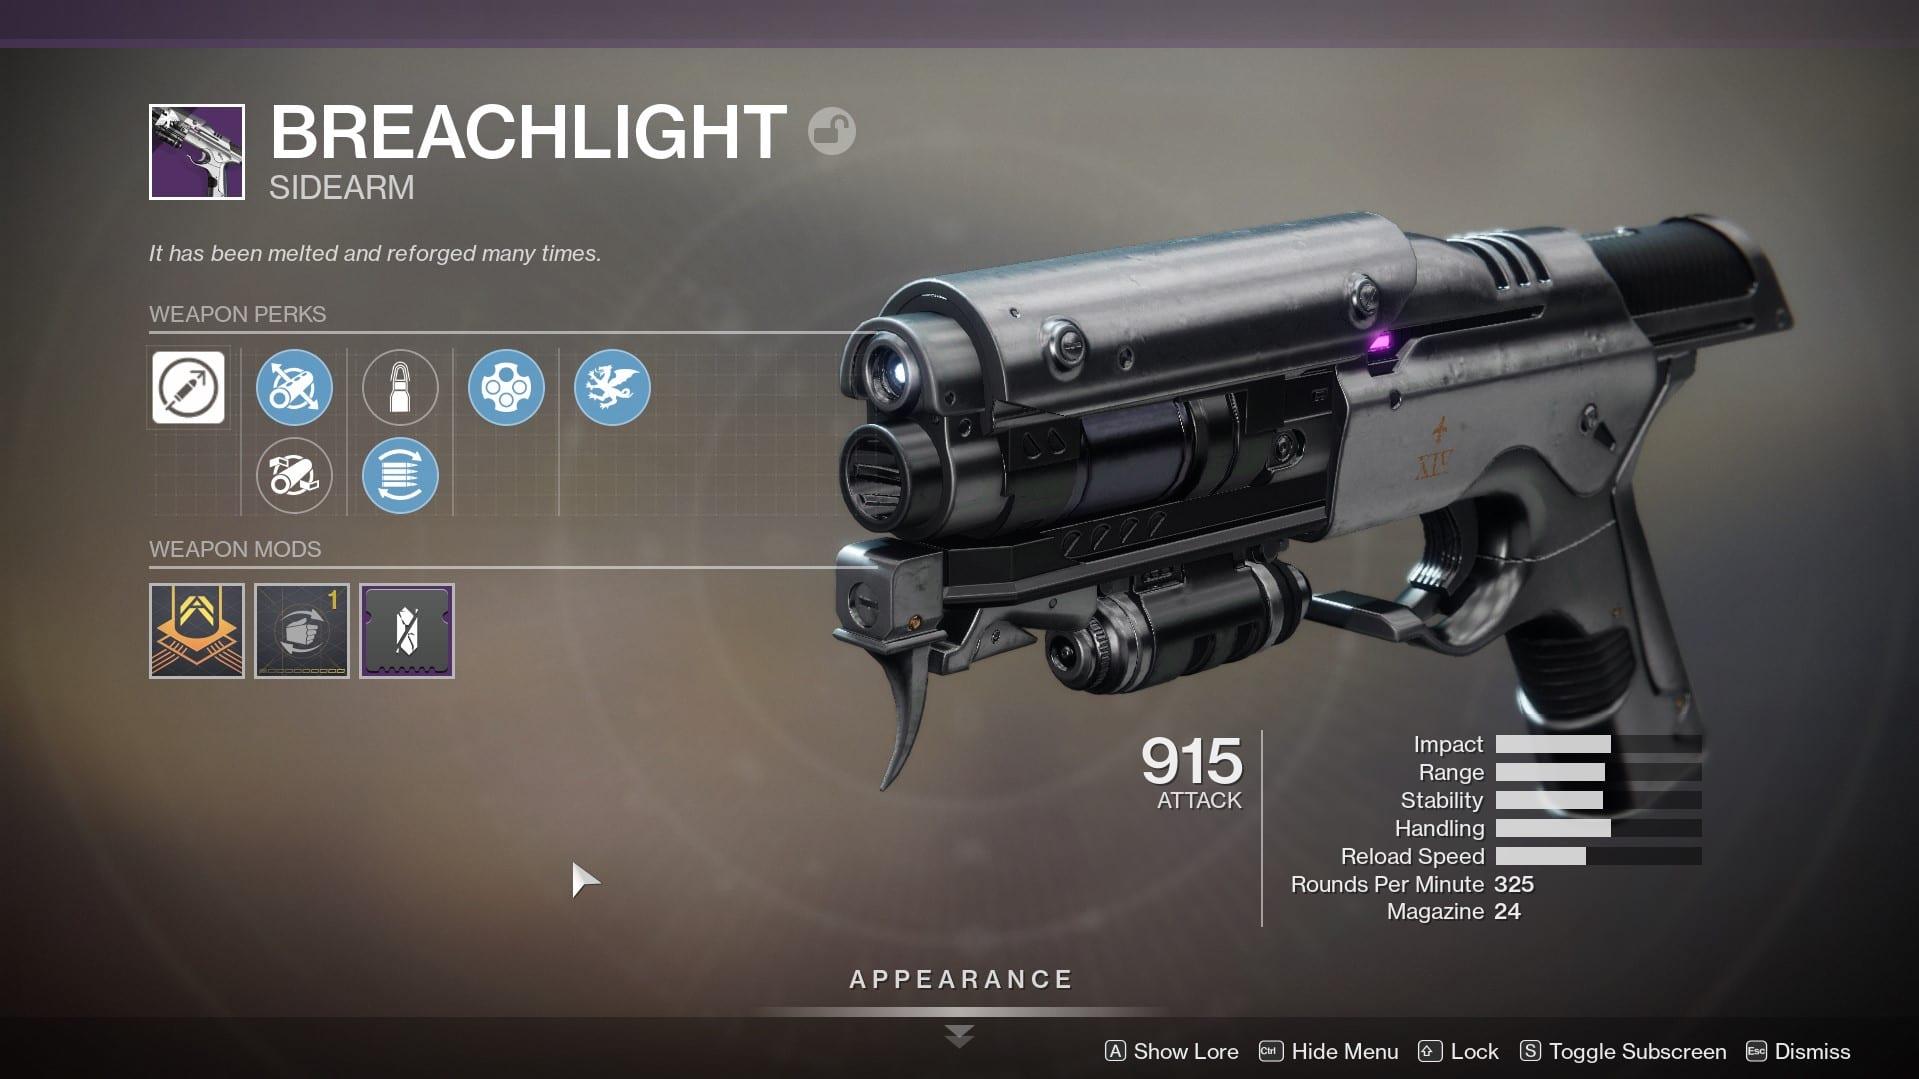 destiny 2, breachlight